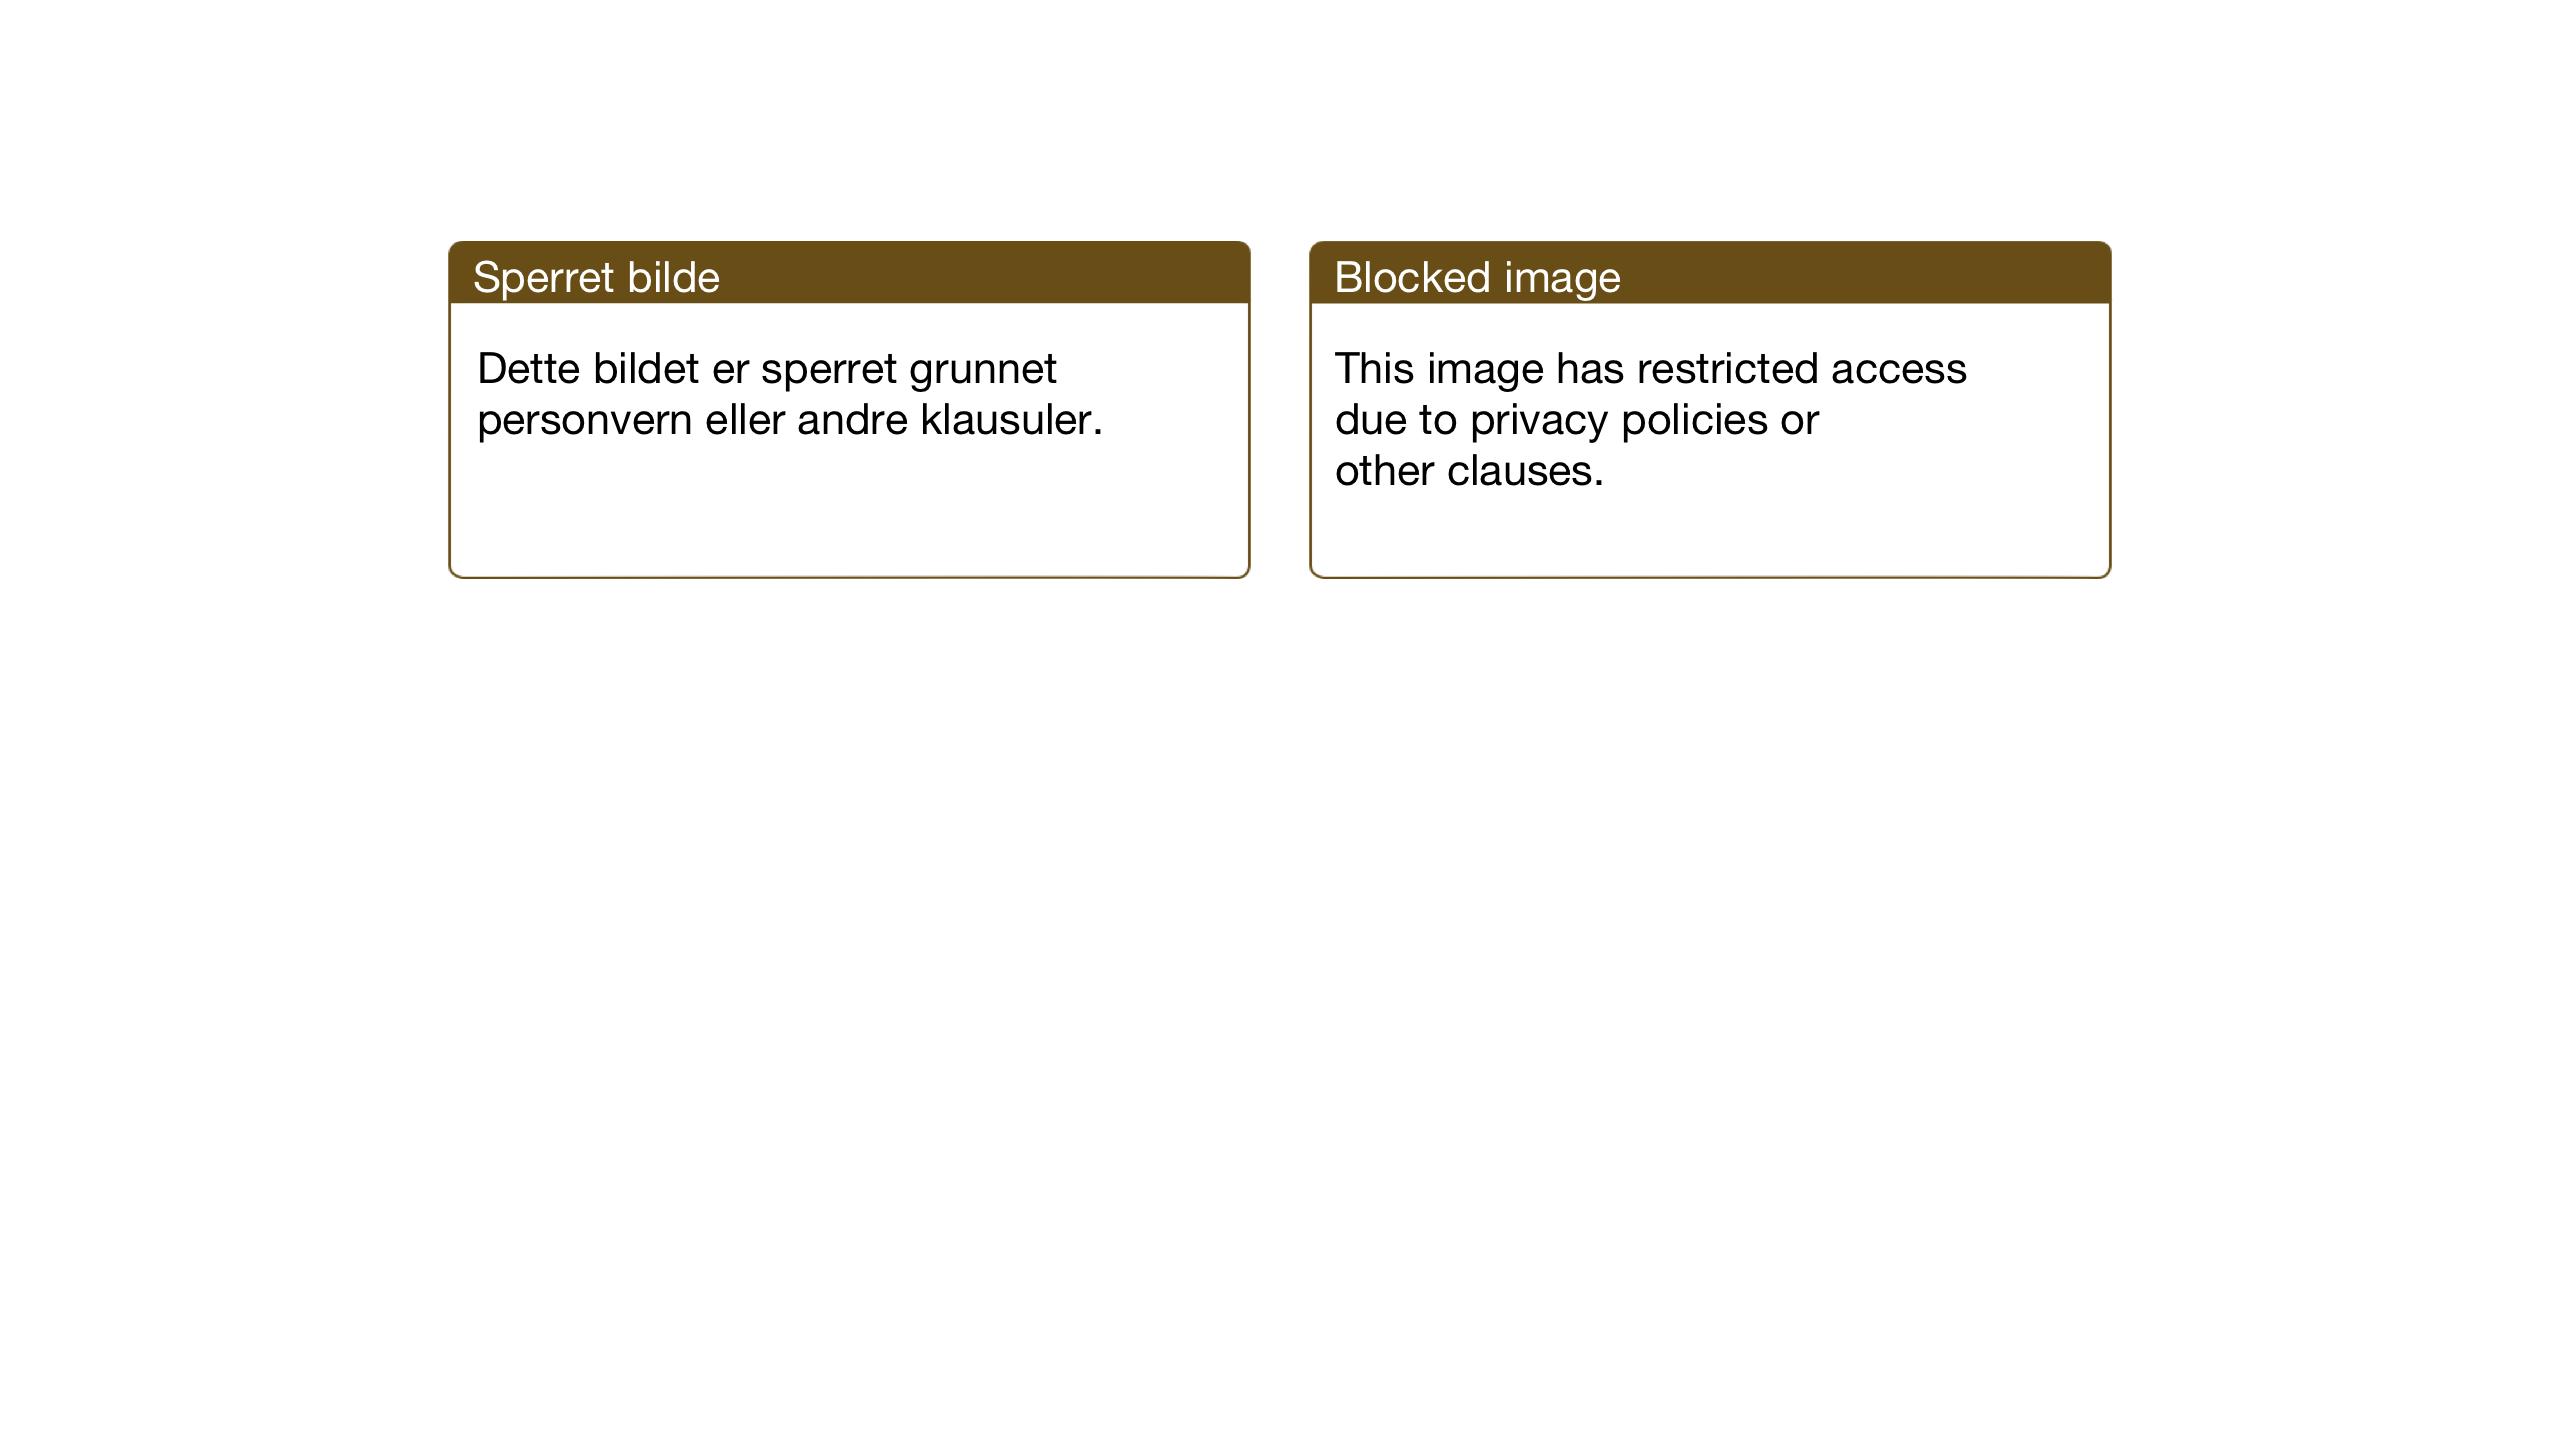 SAT, Ministerialprotokoller, klokkerbøker og fødselsregistre - Sør-Trøndelag, 670/L0837: Klokkerbok nr. 670C01, 1905-1946, s. 192-193